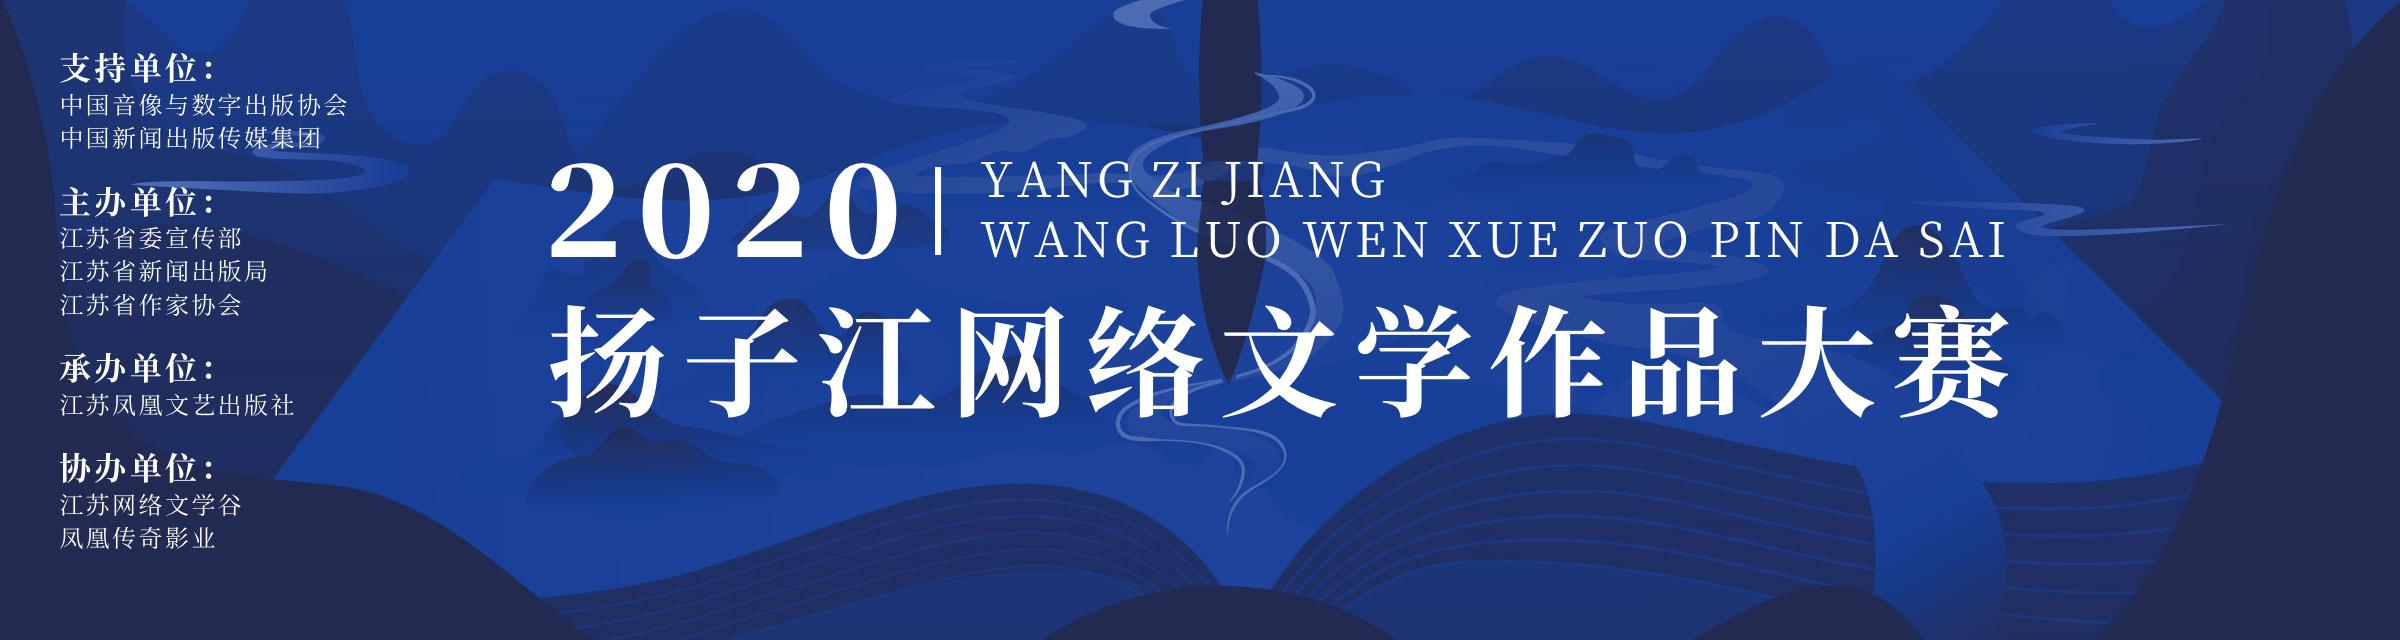 2020扬子江网络文学作品大赛